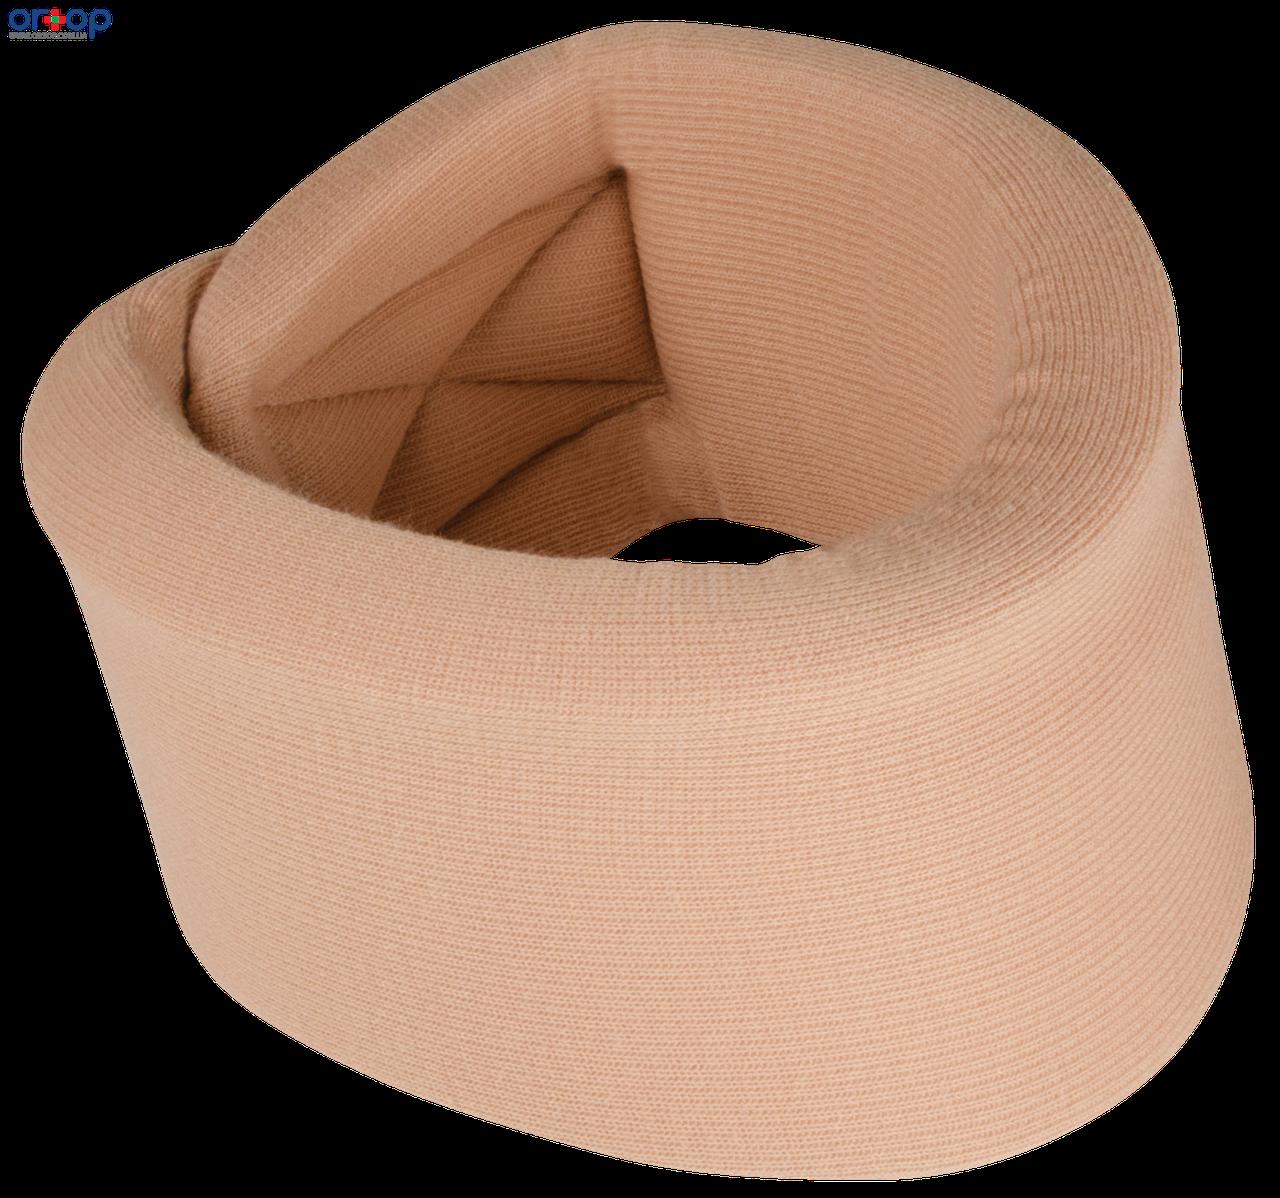 Анатомический шейный ортез Легкий Ortel Anatomic, 11 см, 1